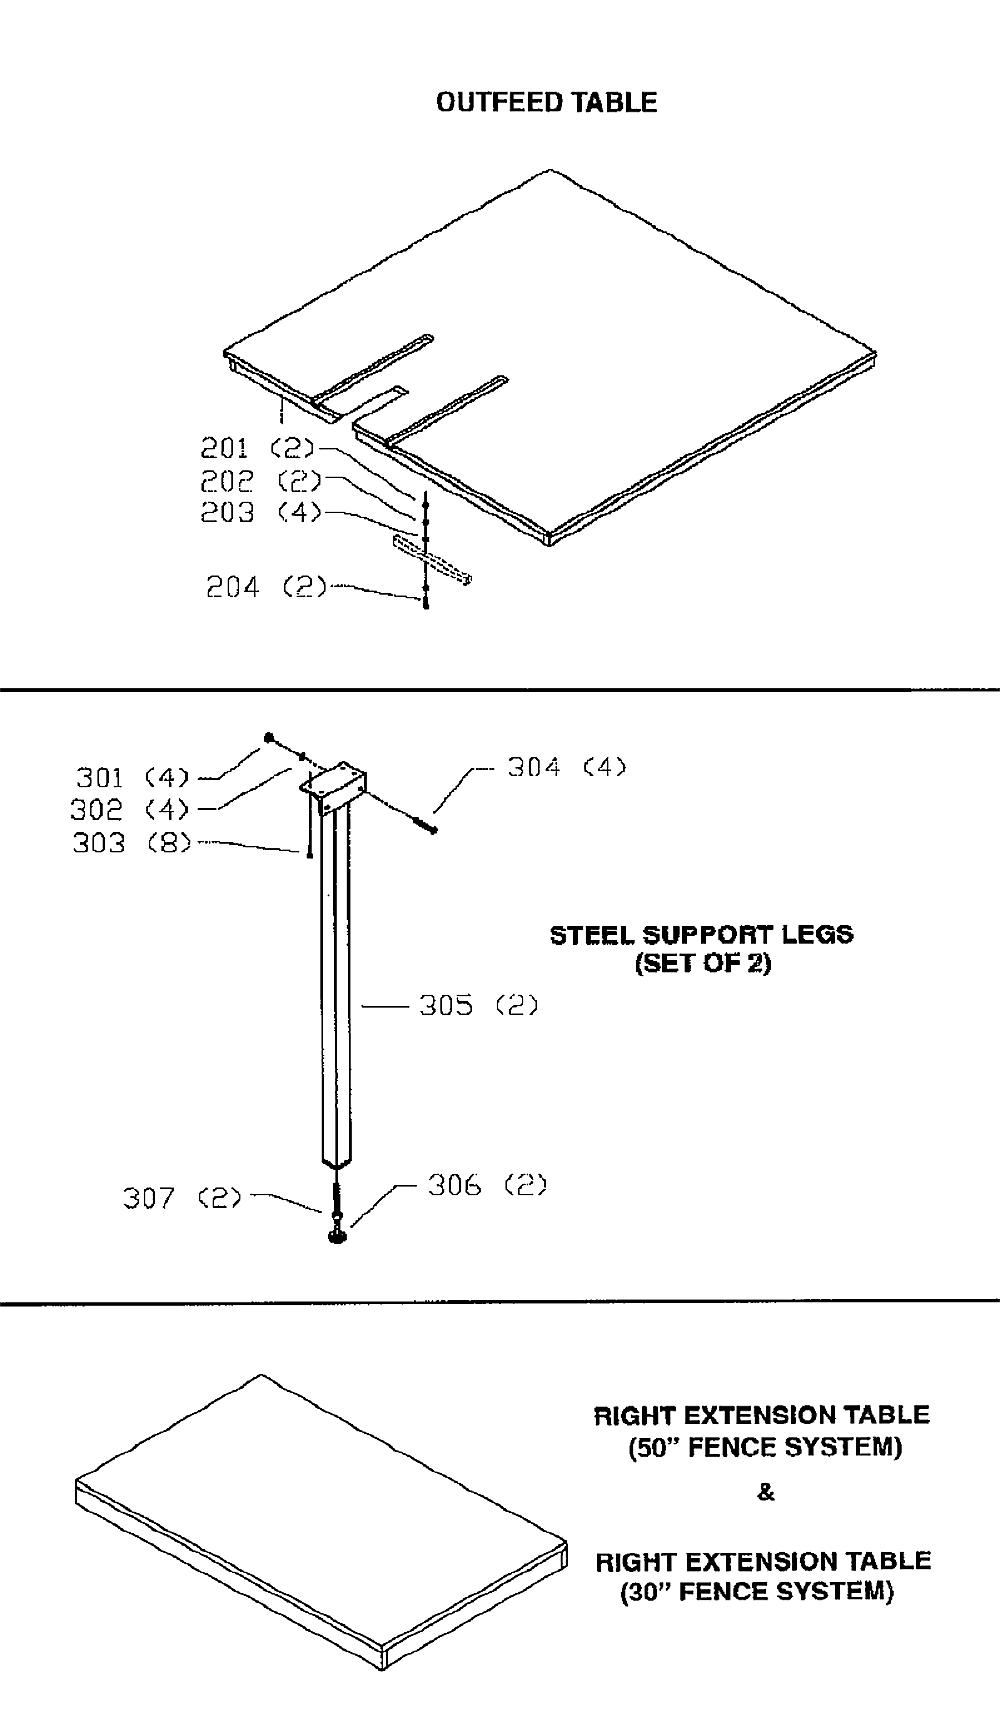 J-78-910-T1-Biesemeyer-PB-1Break Down